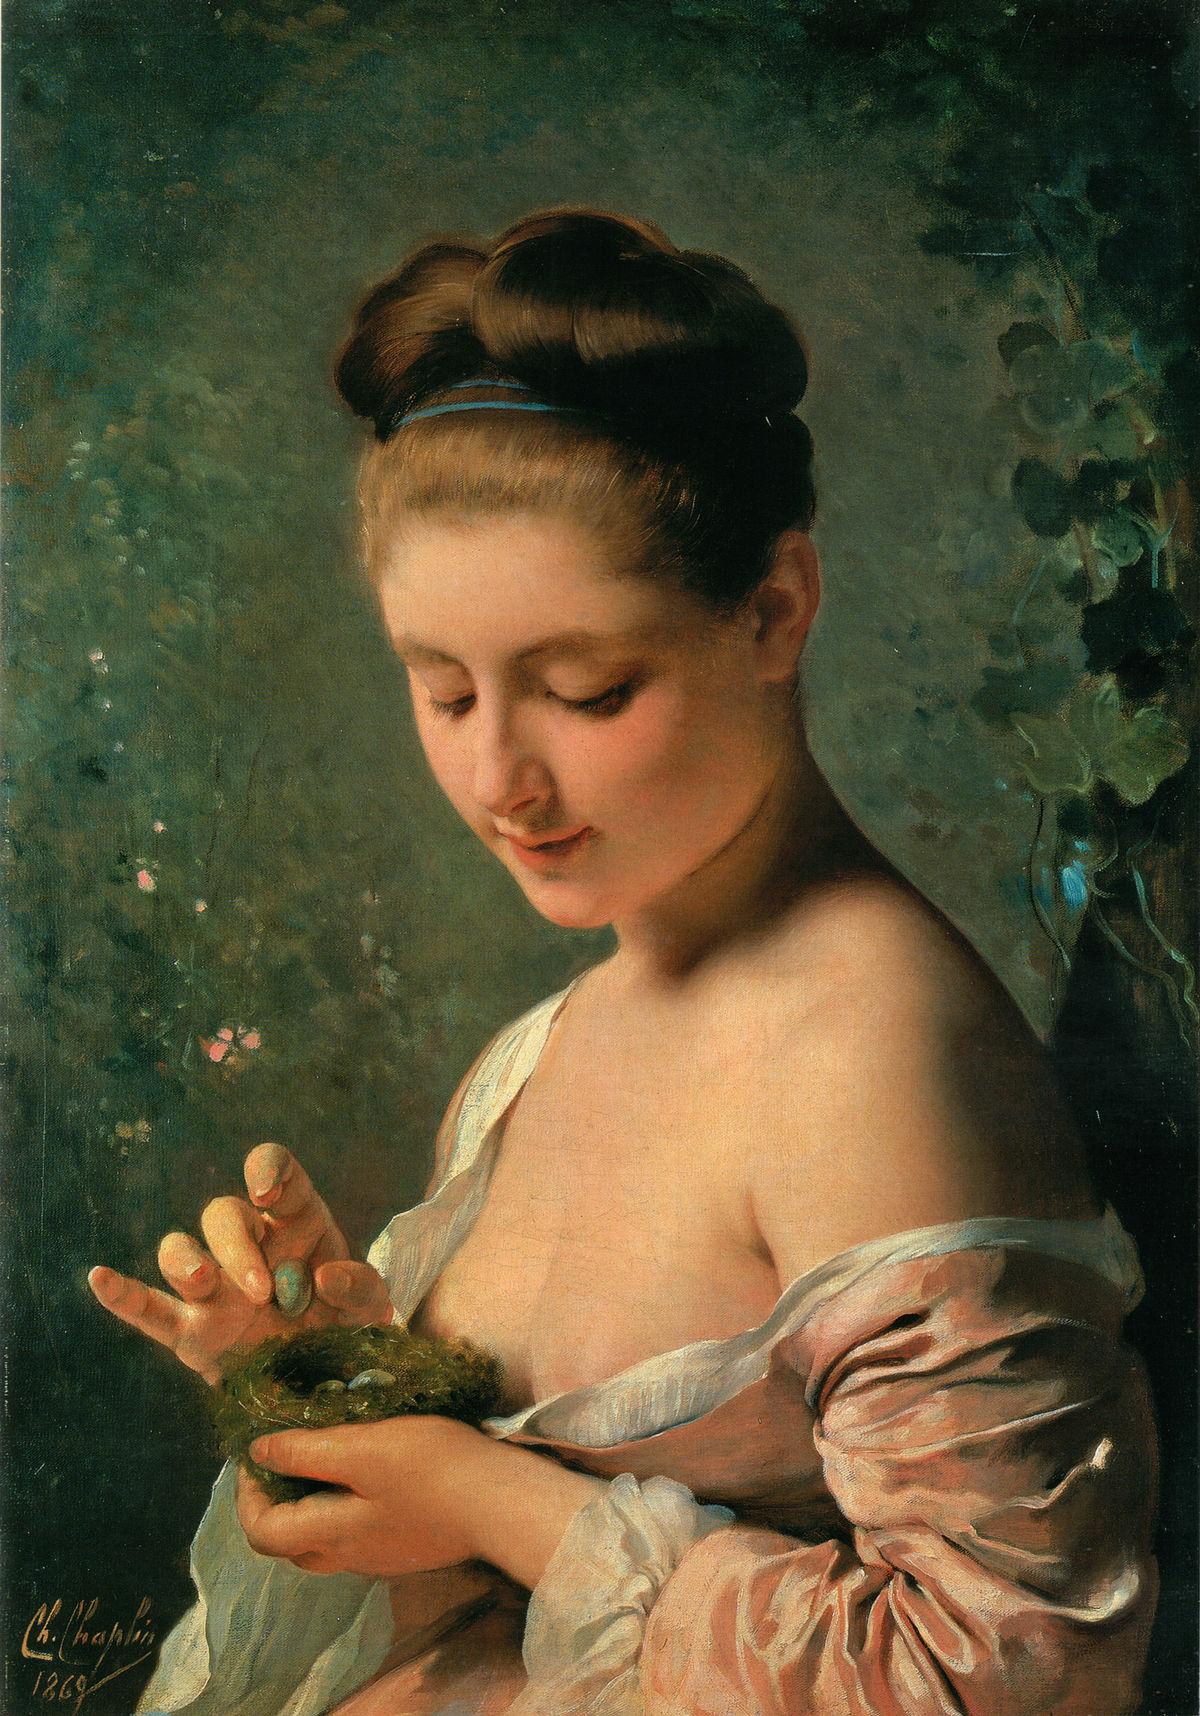 Charles chaplin pittore wikipedia - La ragazza alla finestra dali ...